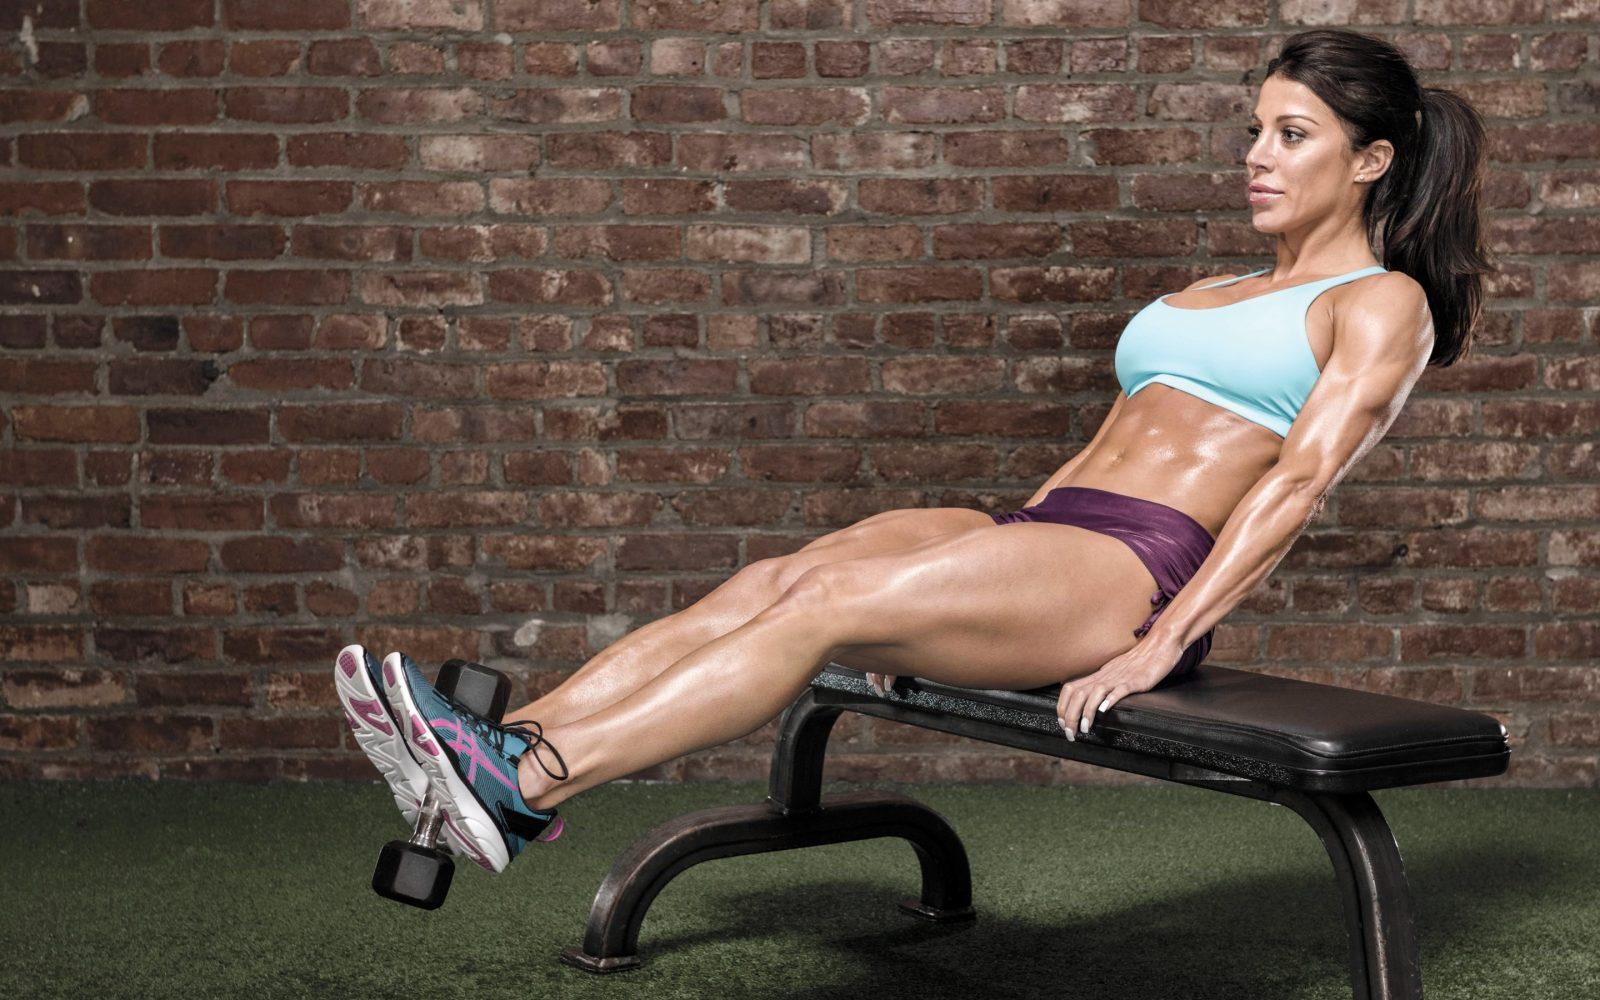 Девушка на скамье поднимает ноги с гантелью